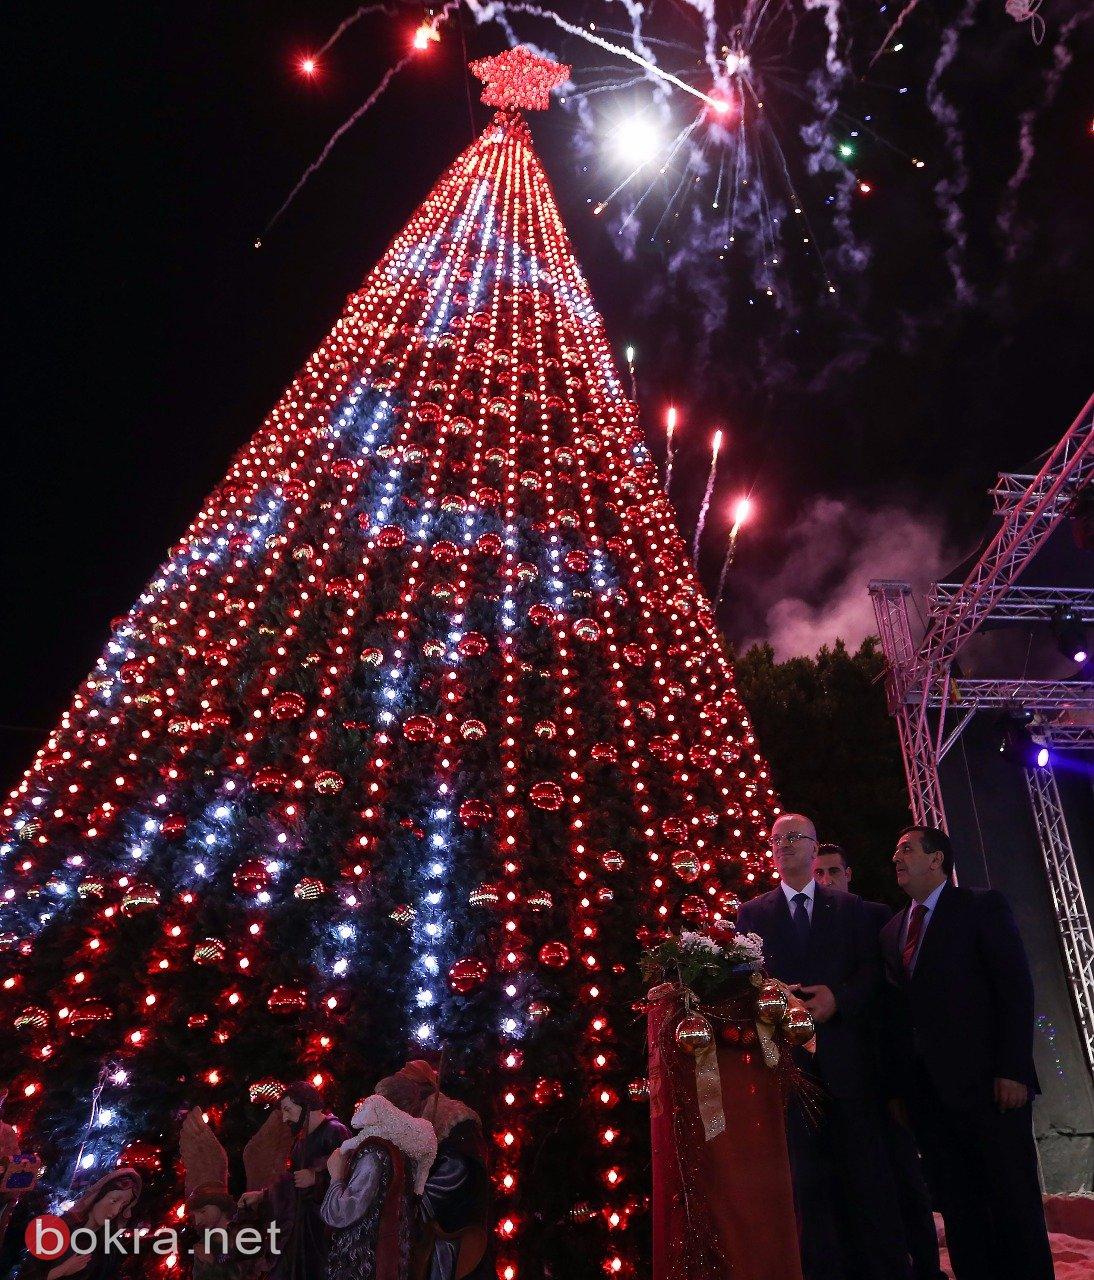 الحمد الله يضيء شجرة الميلاد في ساحة المهد